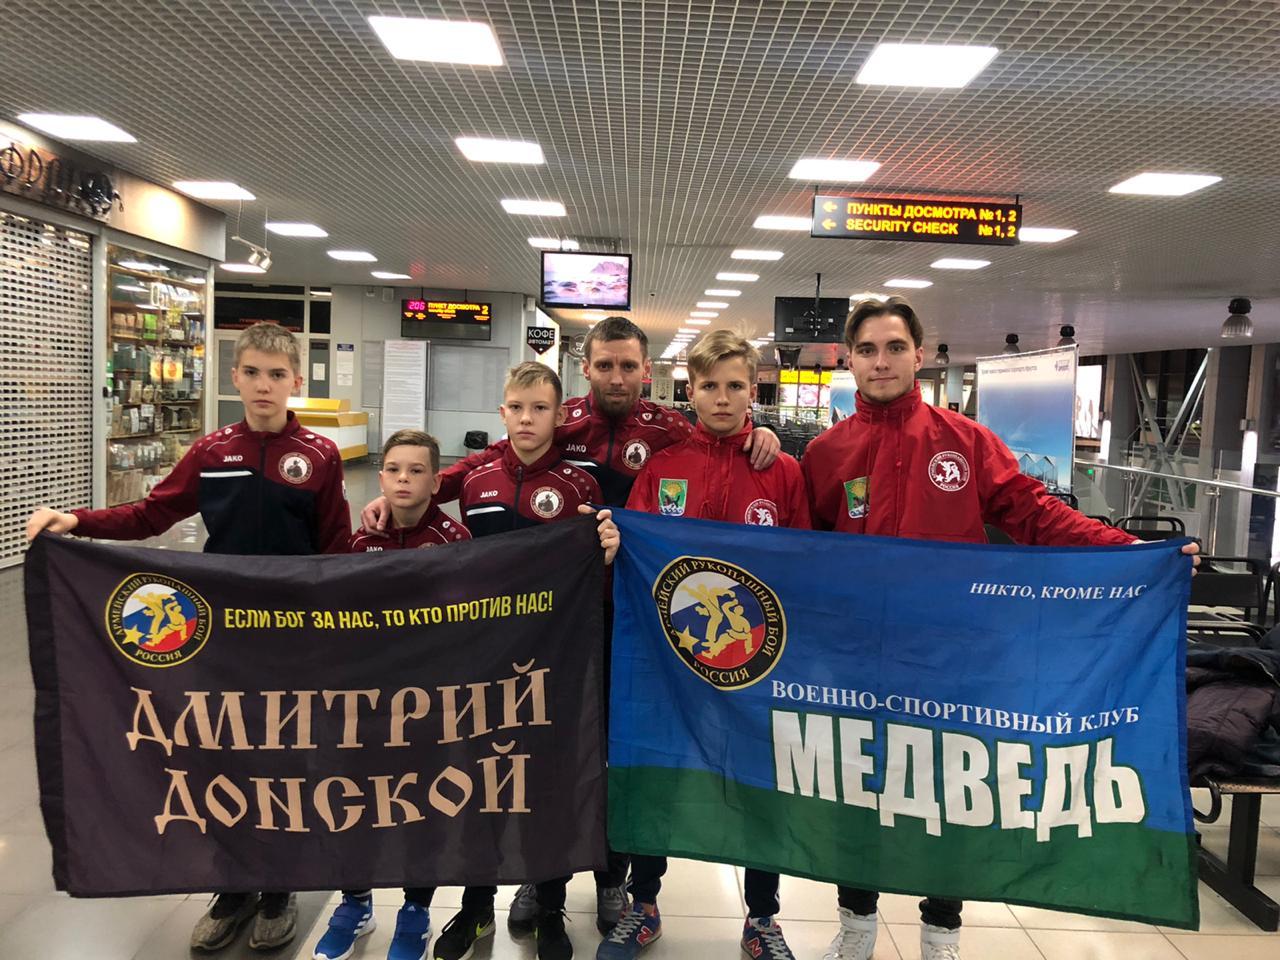 Чемпионы из Оёка Иркутской области на чемпионате боевых искусств в Италии